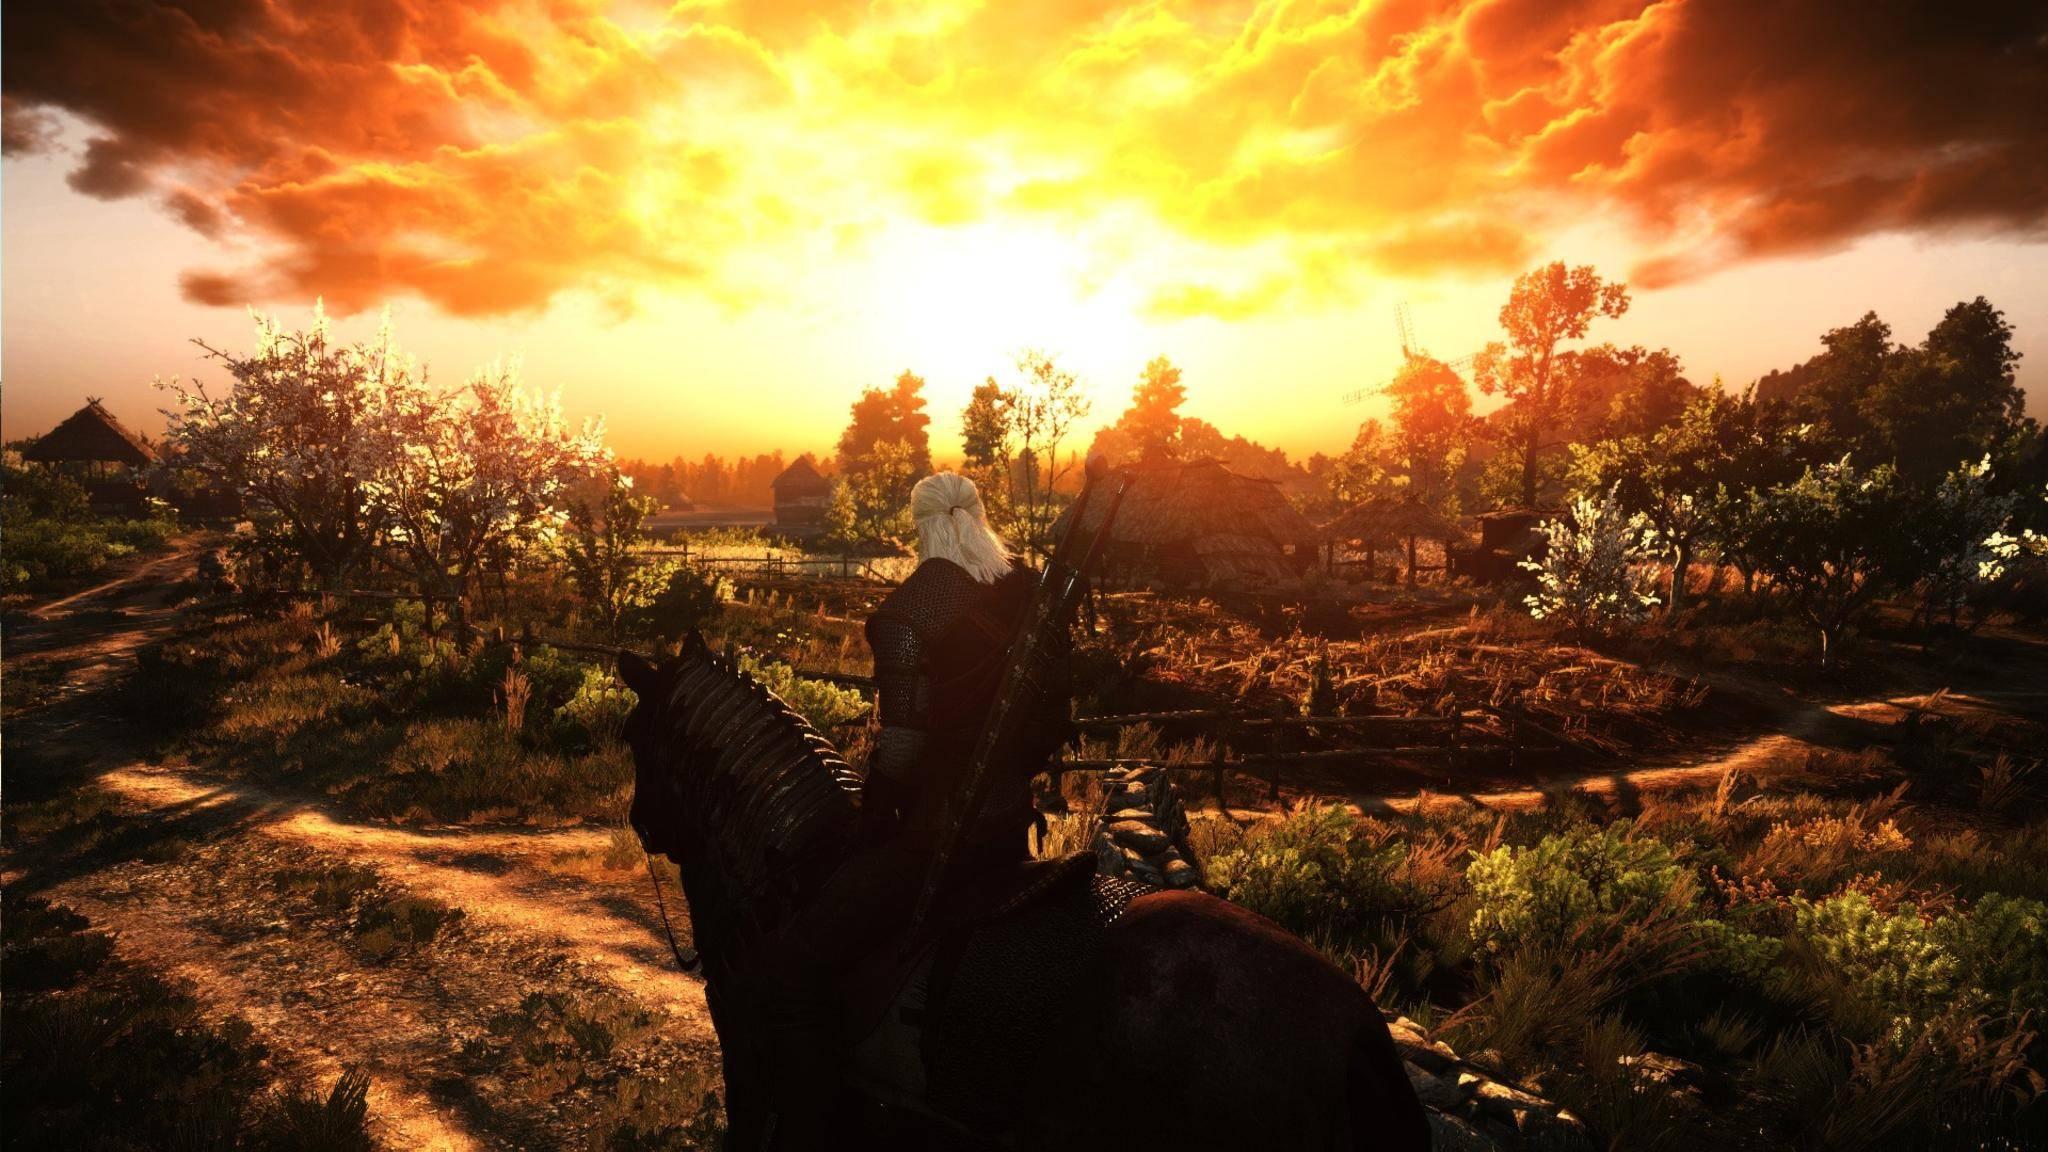 """Wer wird irgendwann als Geralt von Riva in der """"The Witcher""""-Serie durchs Land reiten?"""